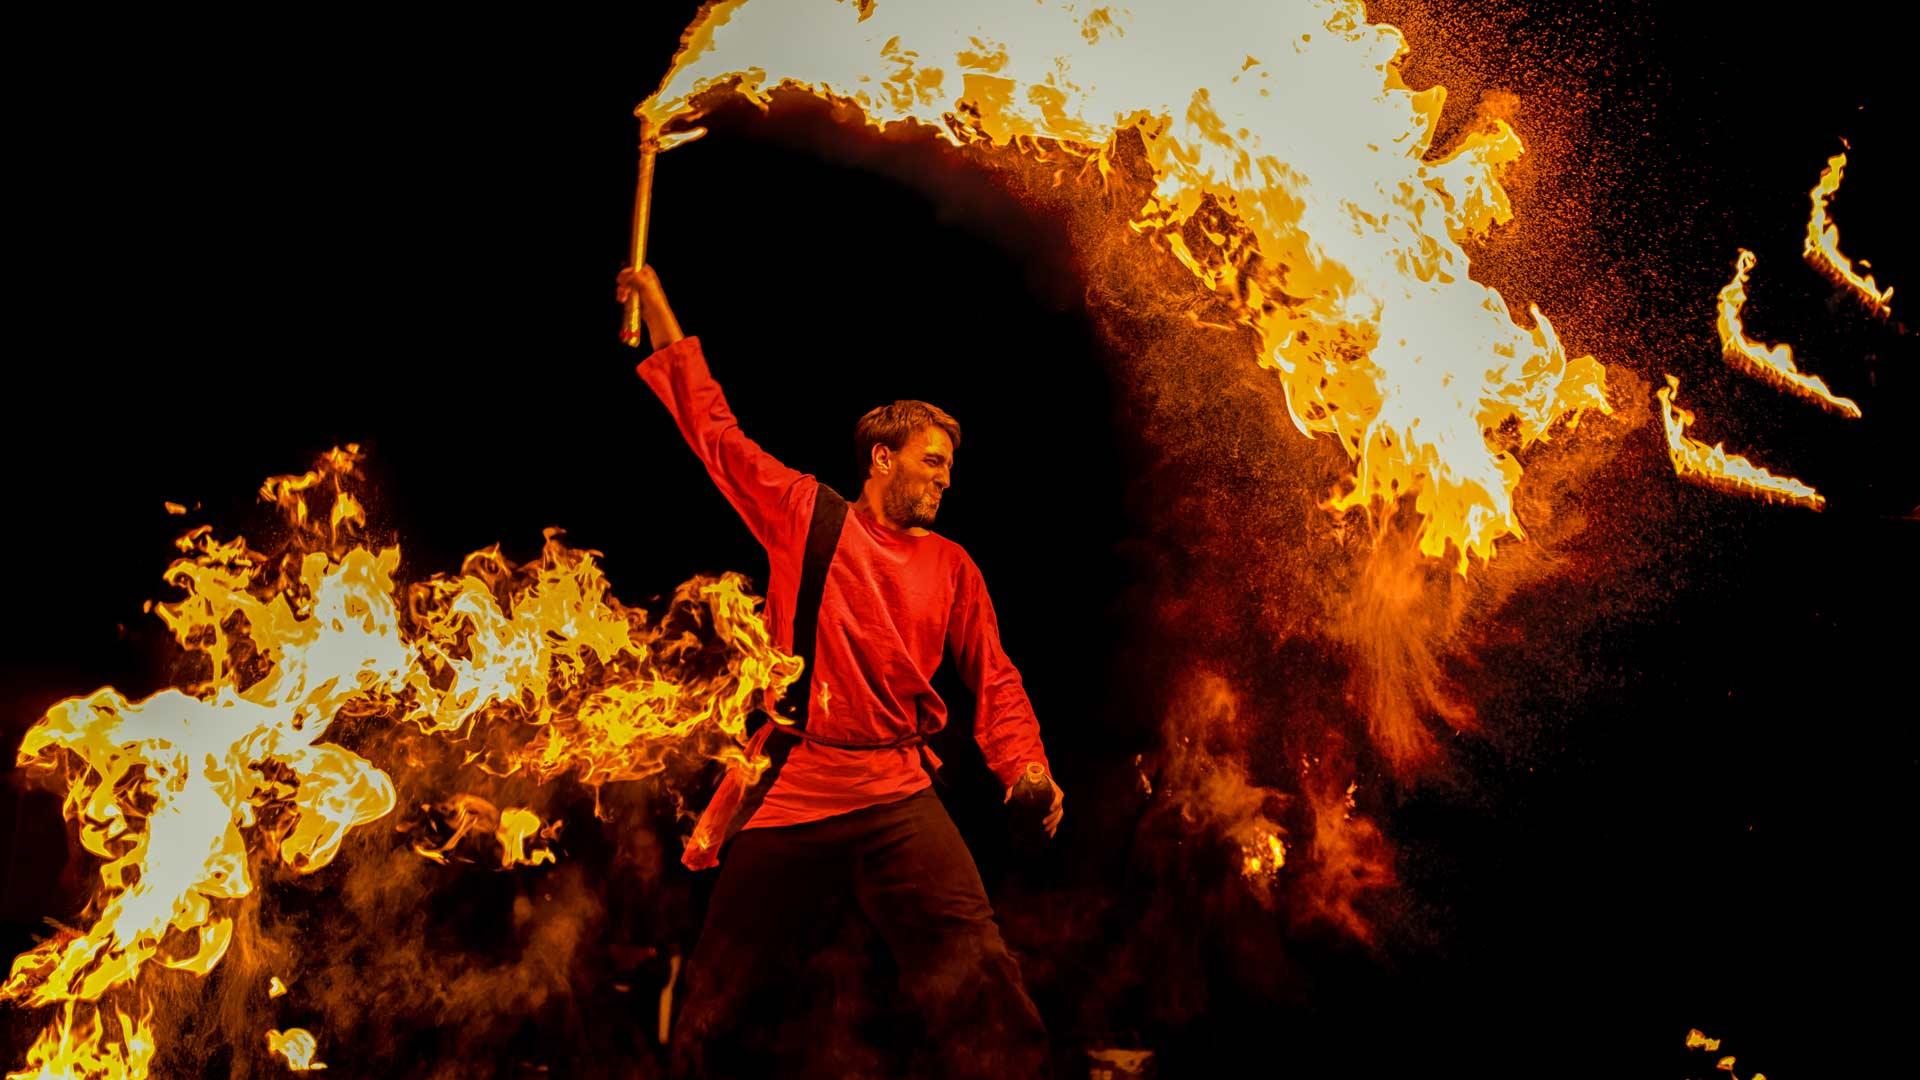 Fiurfaro - Die Feuershow für mittelalterliche Veranstaltungen und private Festlichkeiten